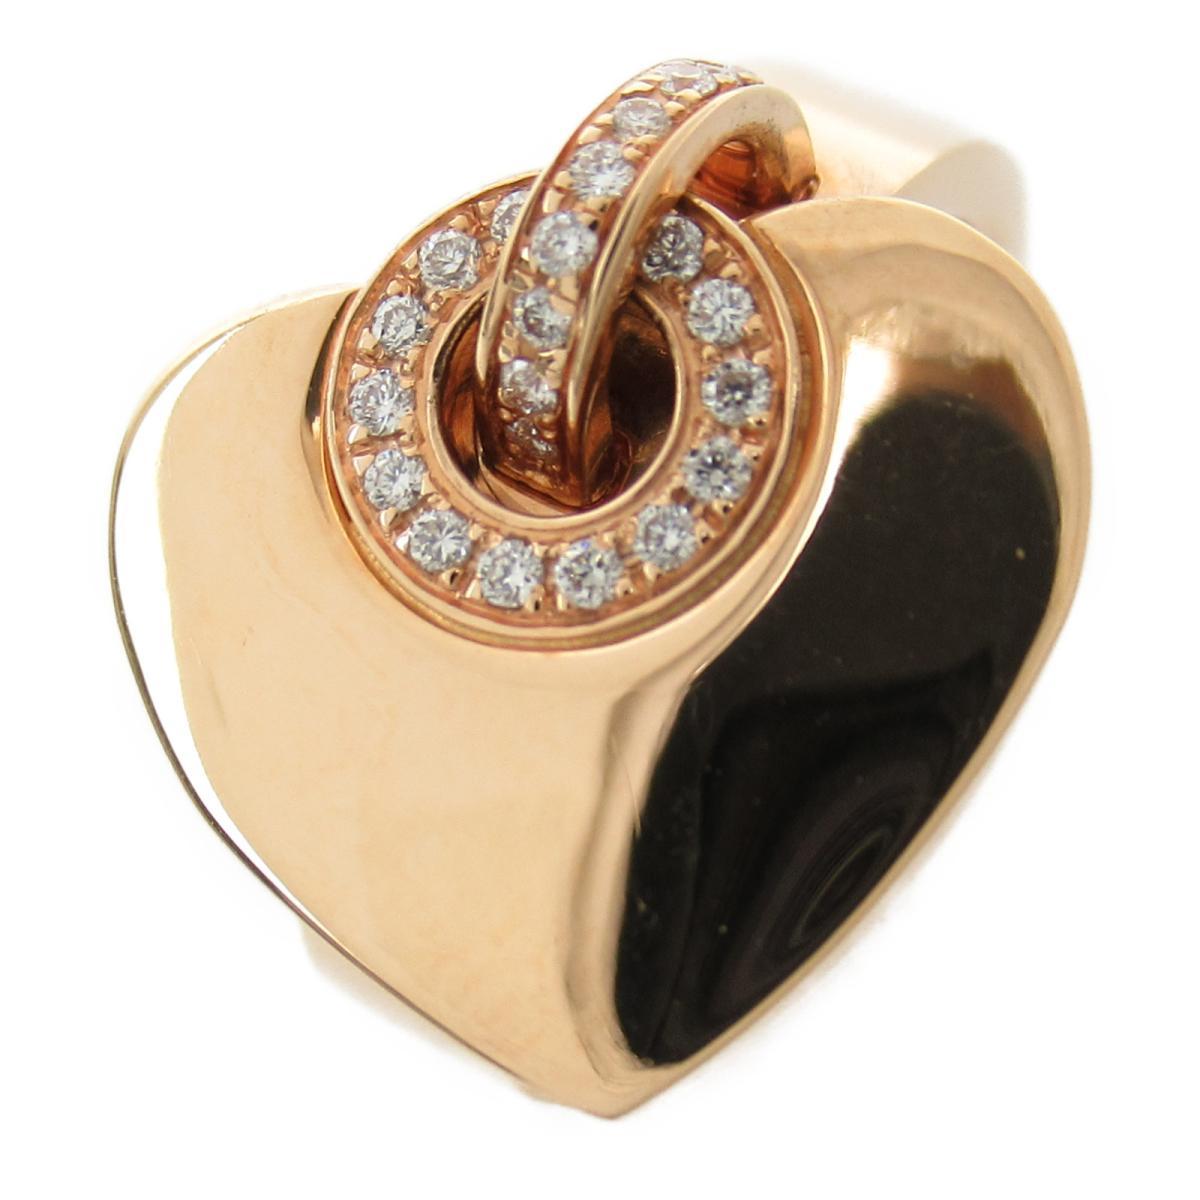 ブルガリ ブルガリブルガリクオレリング ダイヤ入 指輪 ブランドジュエリー レディース K18PG (750) ピンクゴールド x ダイヤモンド 【中古】 | ブランド